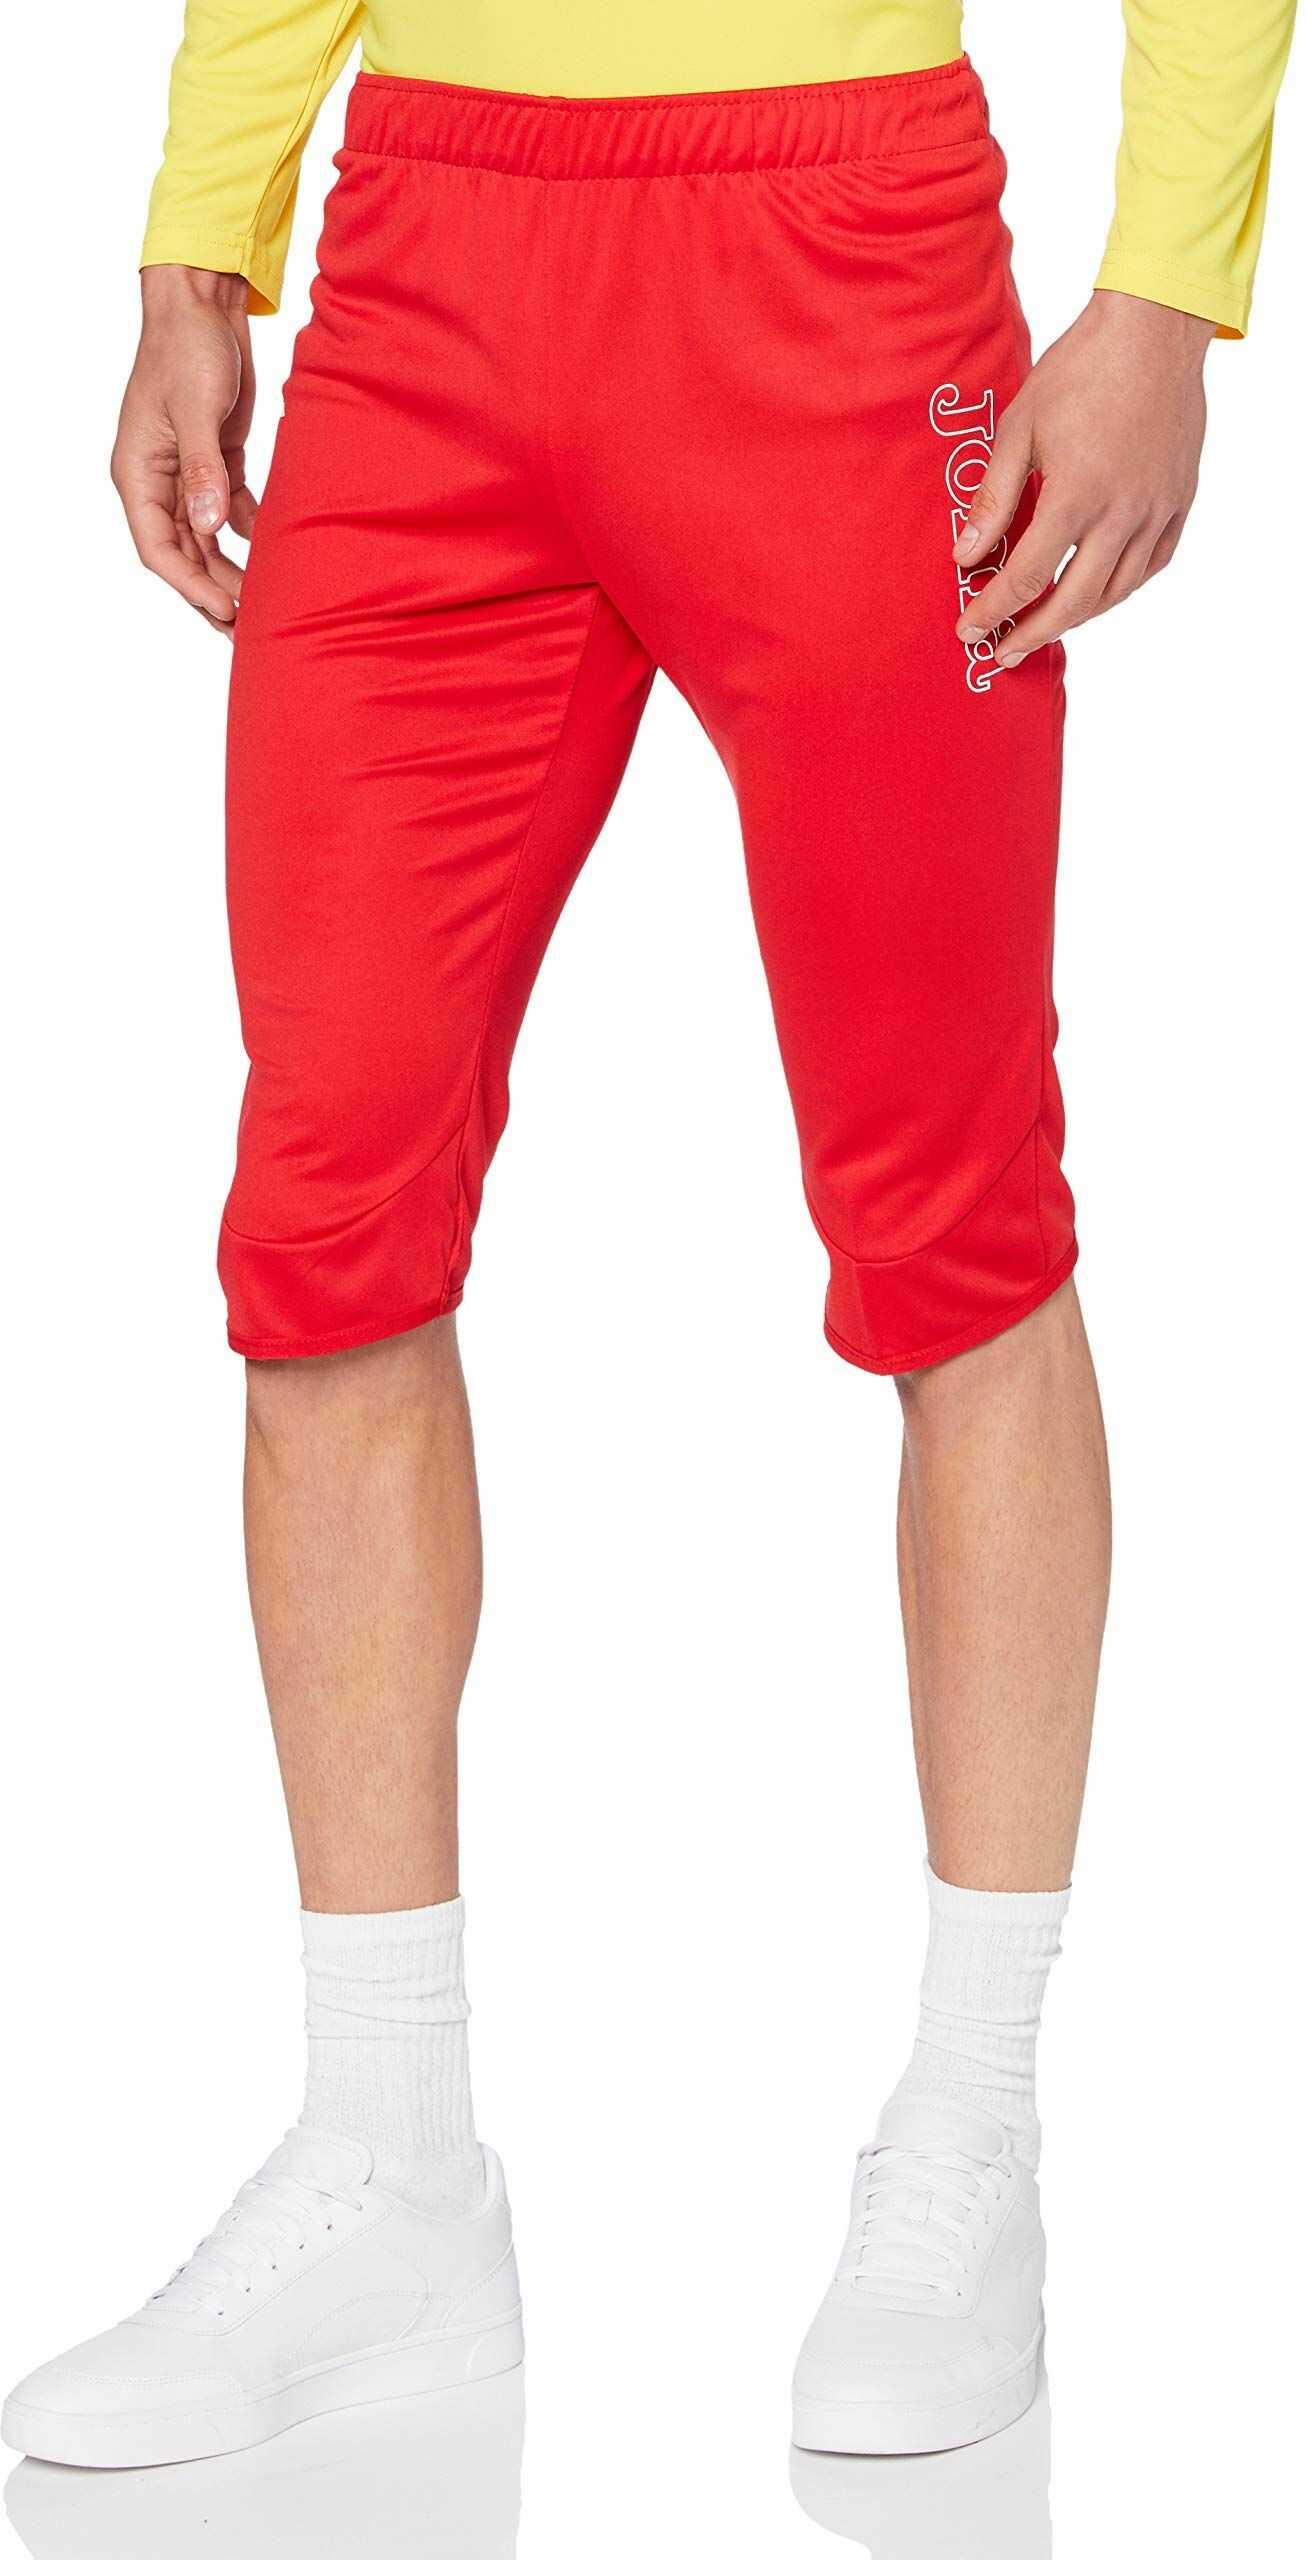 Joma COMBI Vela 3/4 Pirate Unisex  spodnie treningowe dla dorosłych, kolor czerwony czerwony Rot - 600 XX-L